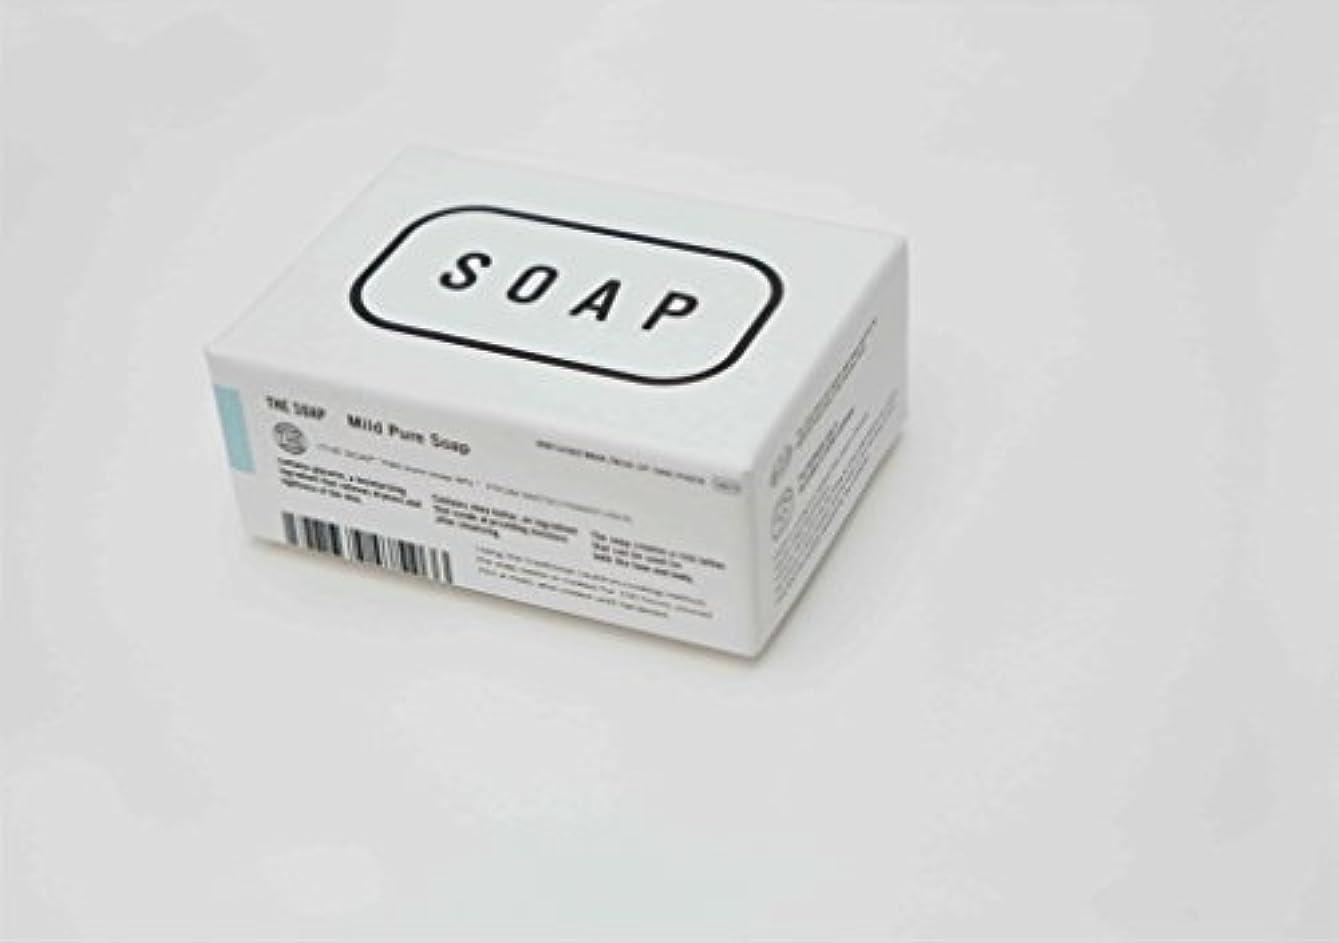 微妙メドレーフローTHE SOAP